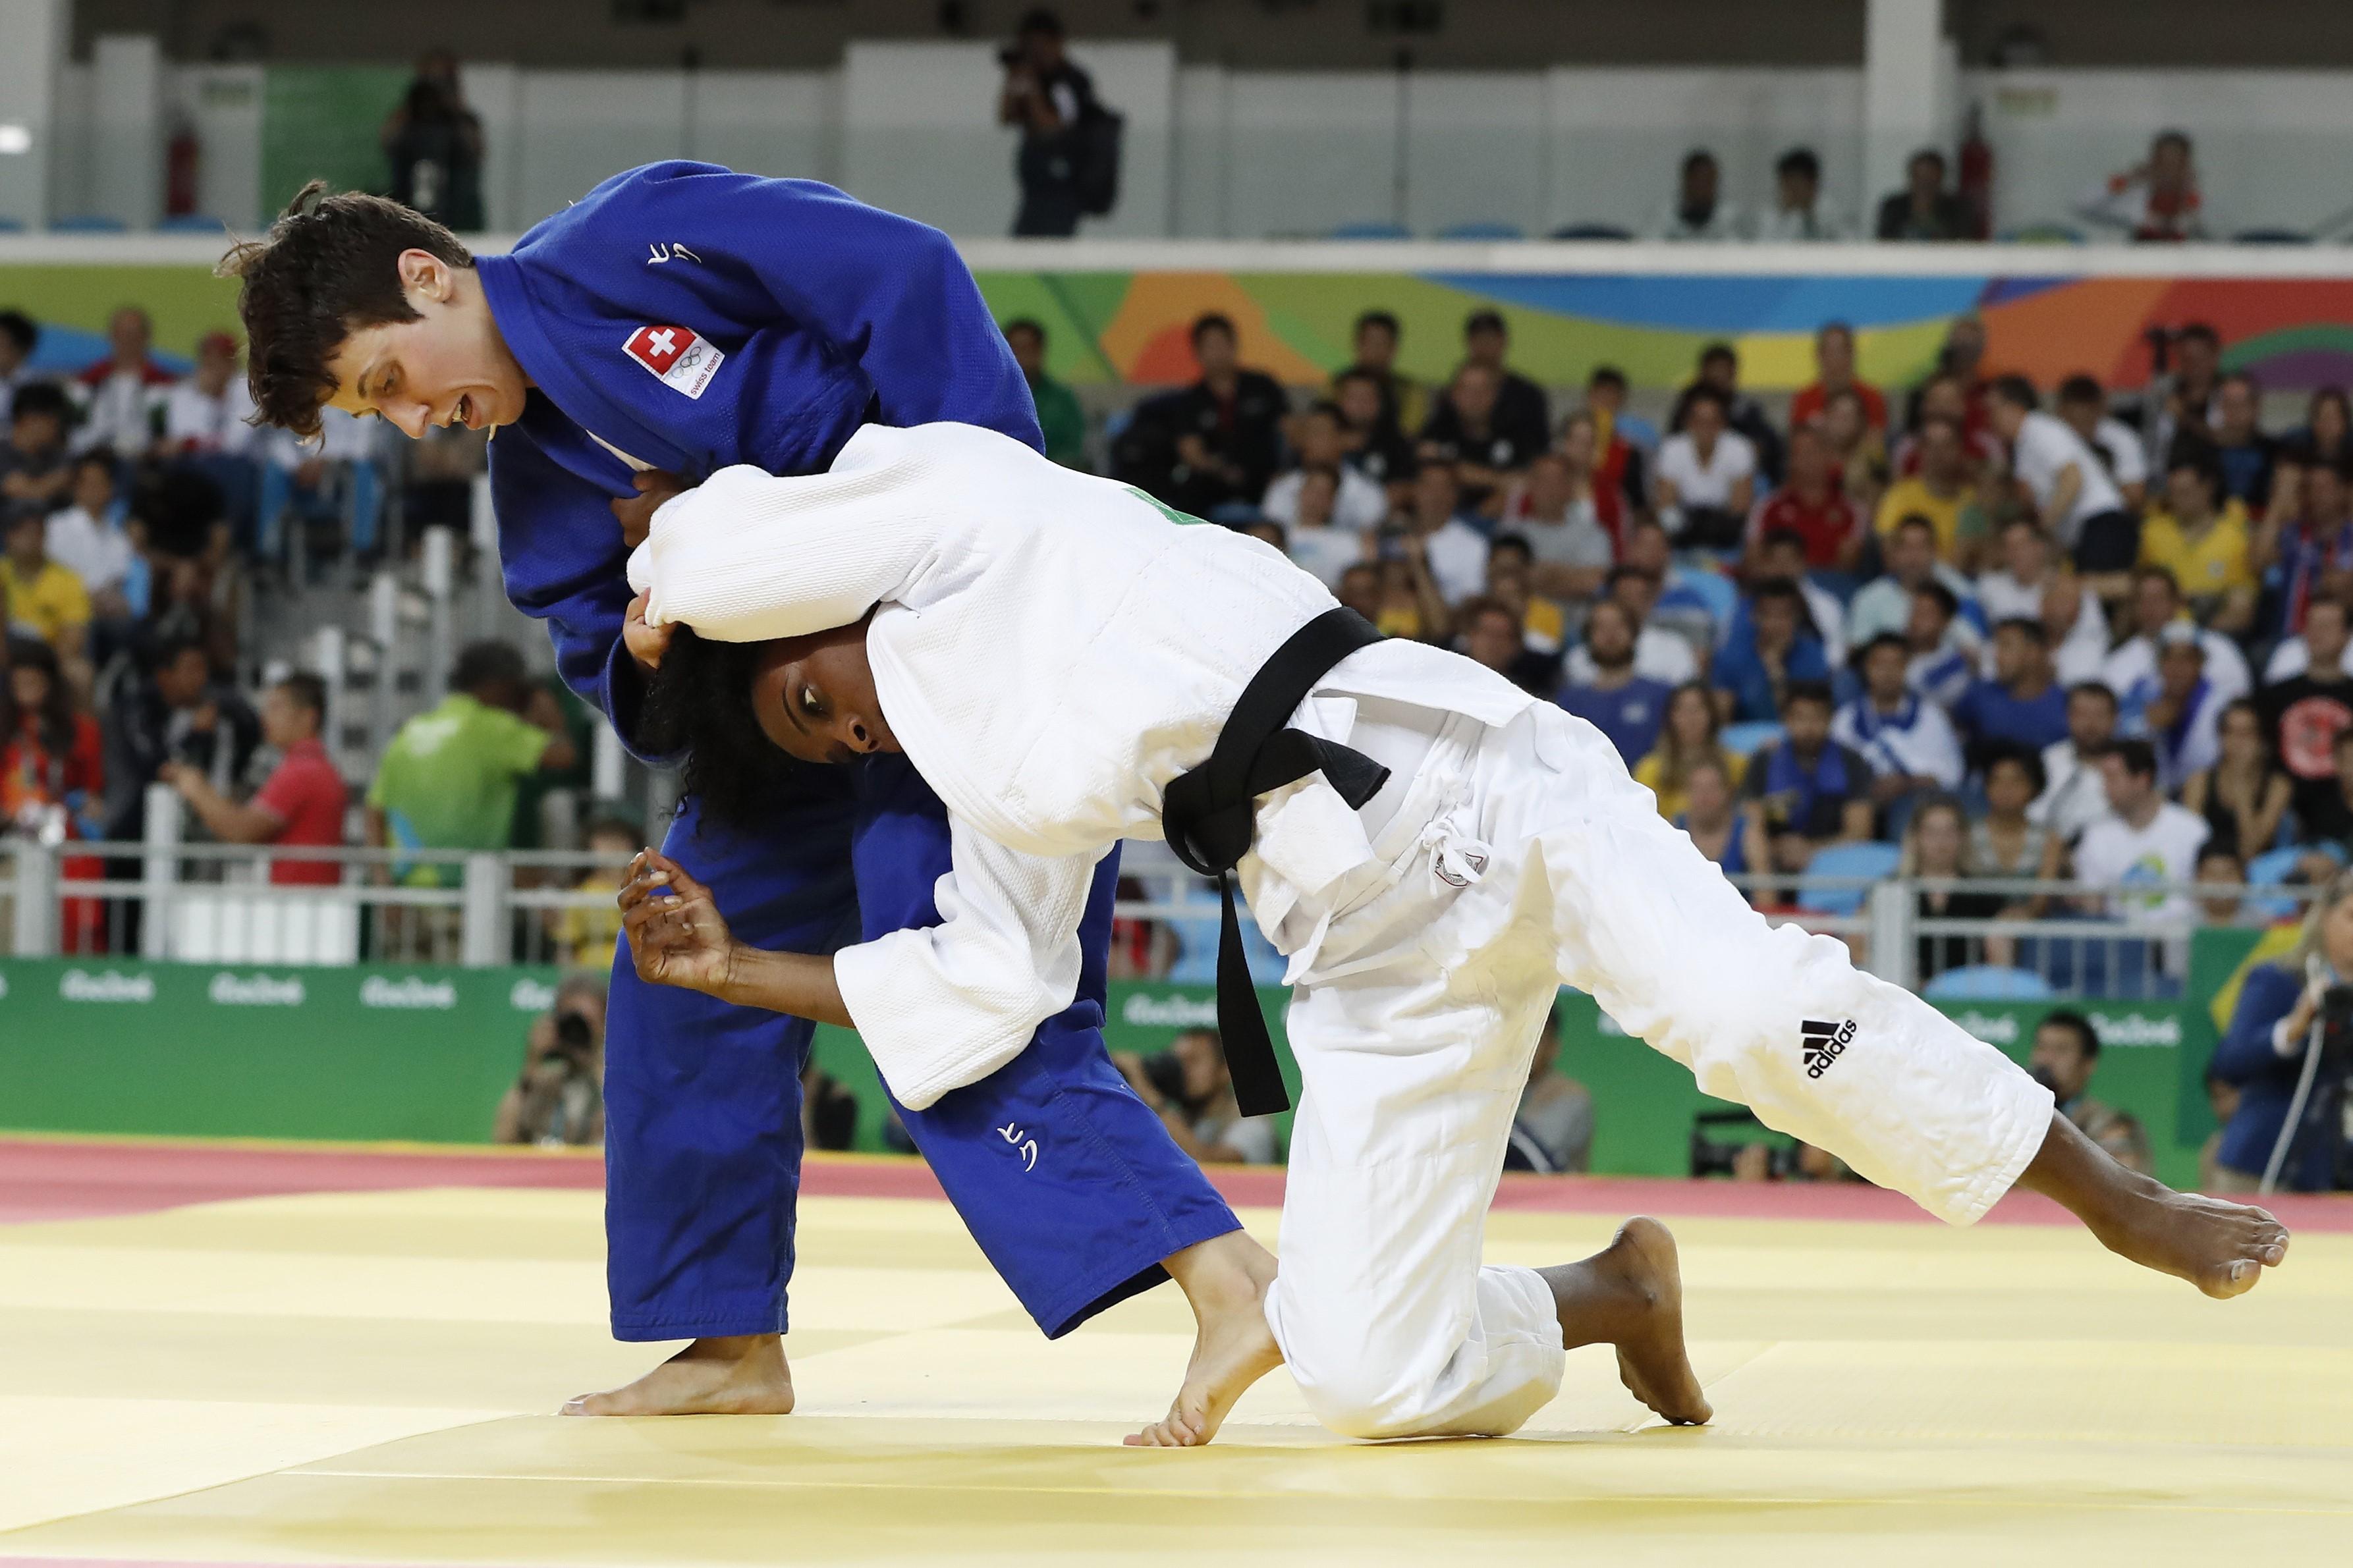 Priscilla Gneto aux Jeux Olympiques de Rio 2016